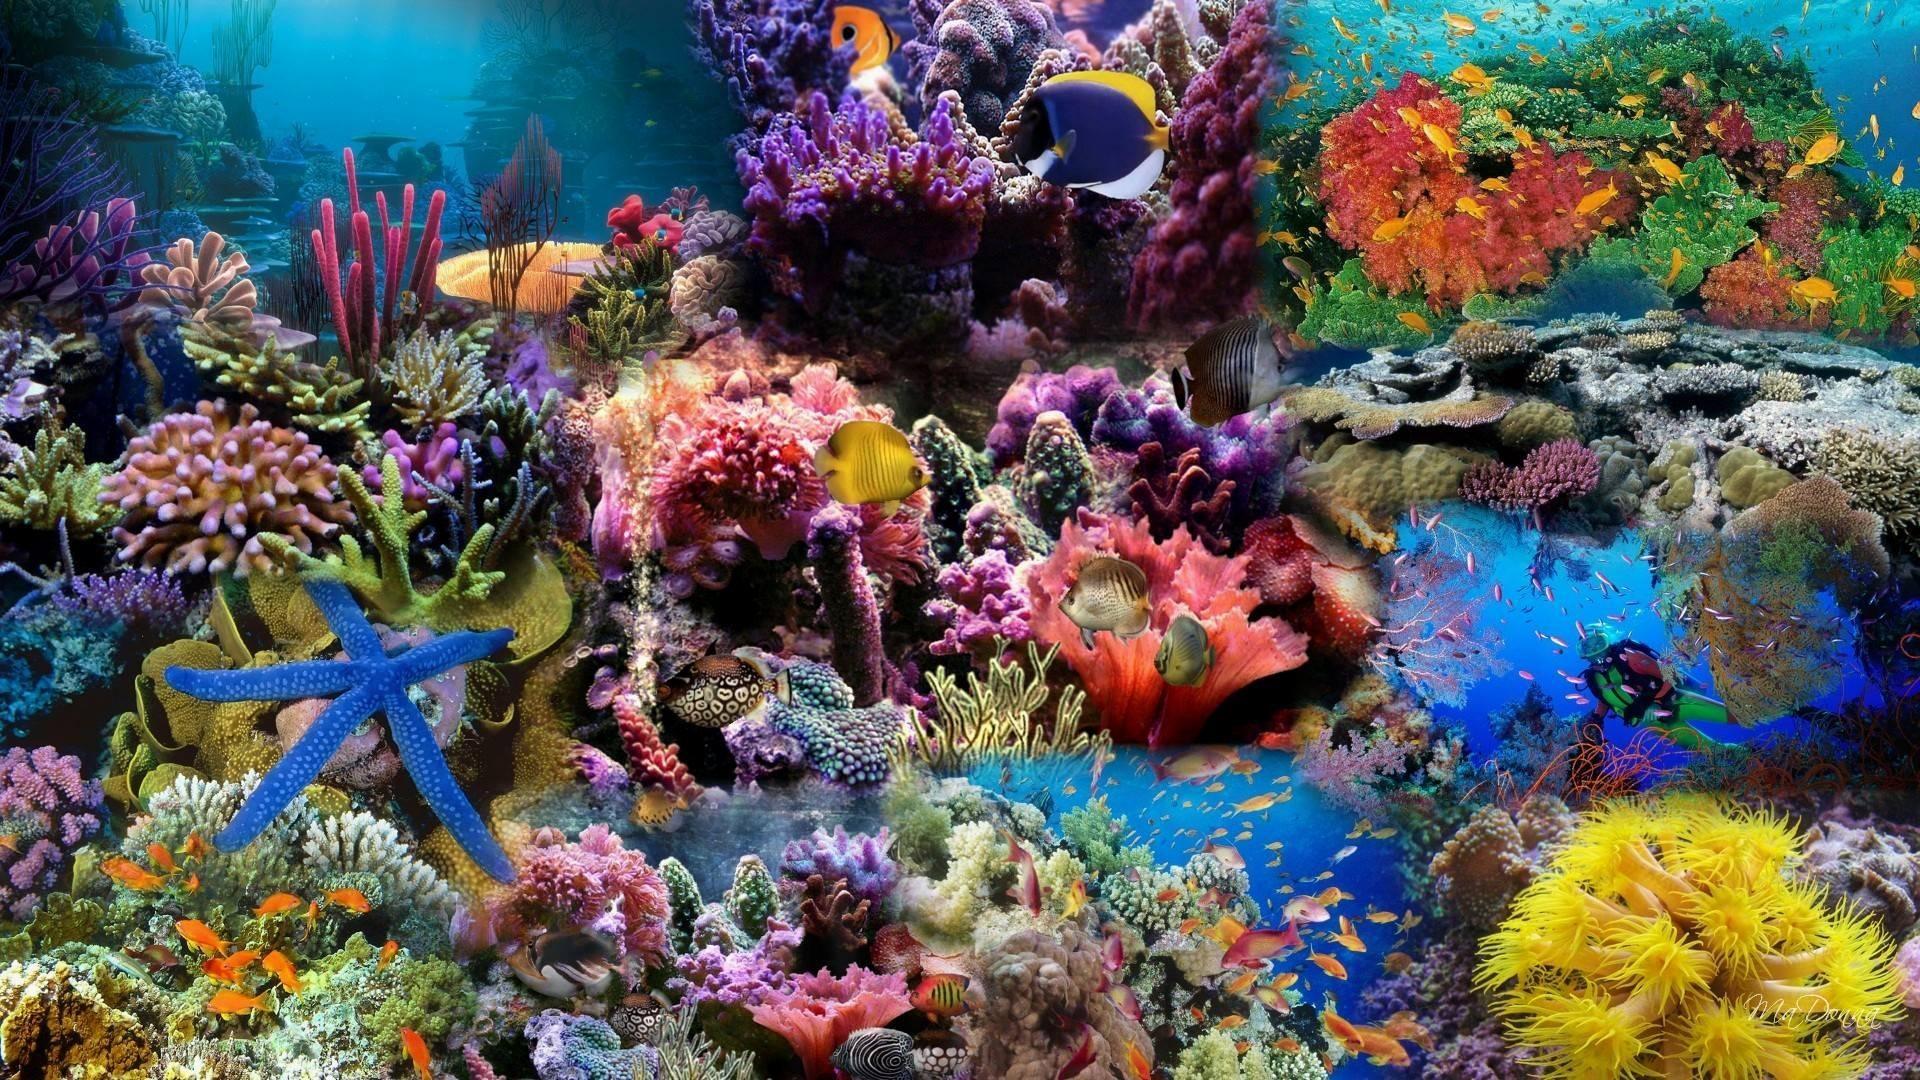 Aquarium Live Wallpaper Free Download For Laptop : Fish live wallpaper free  hdwallpaper20.com